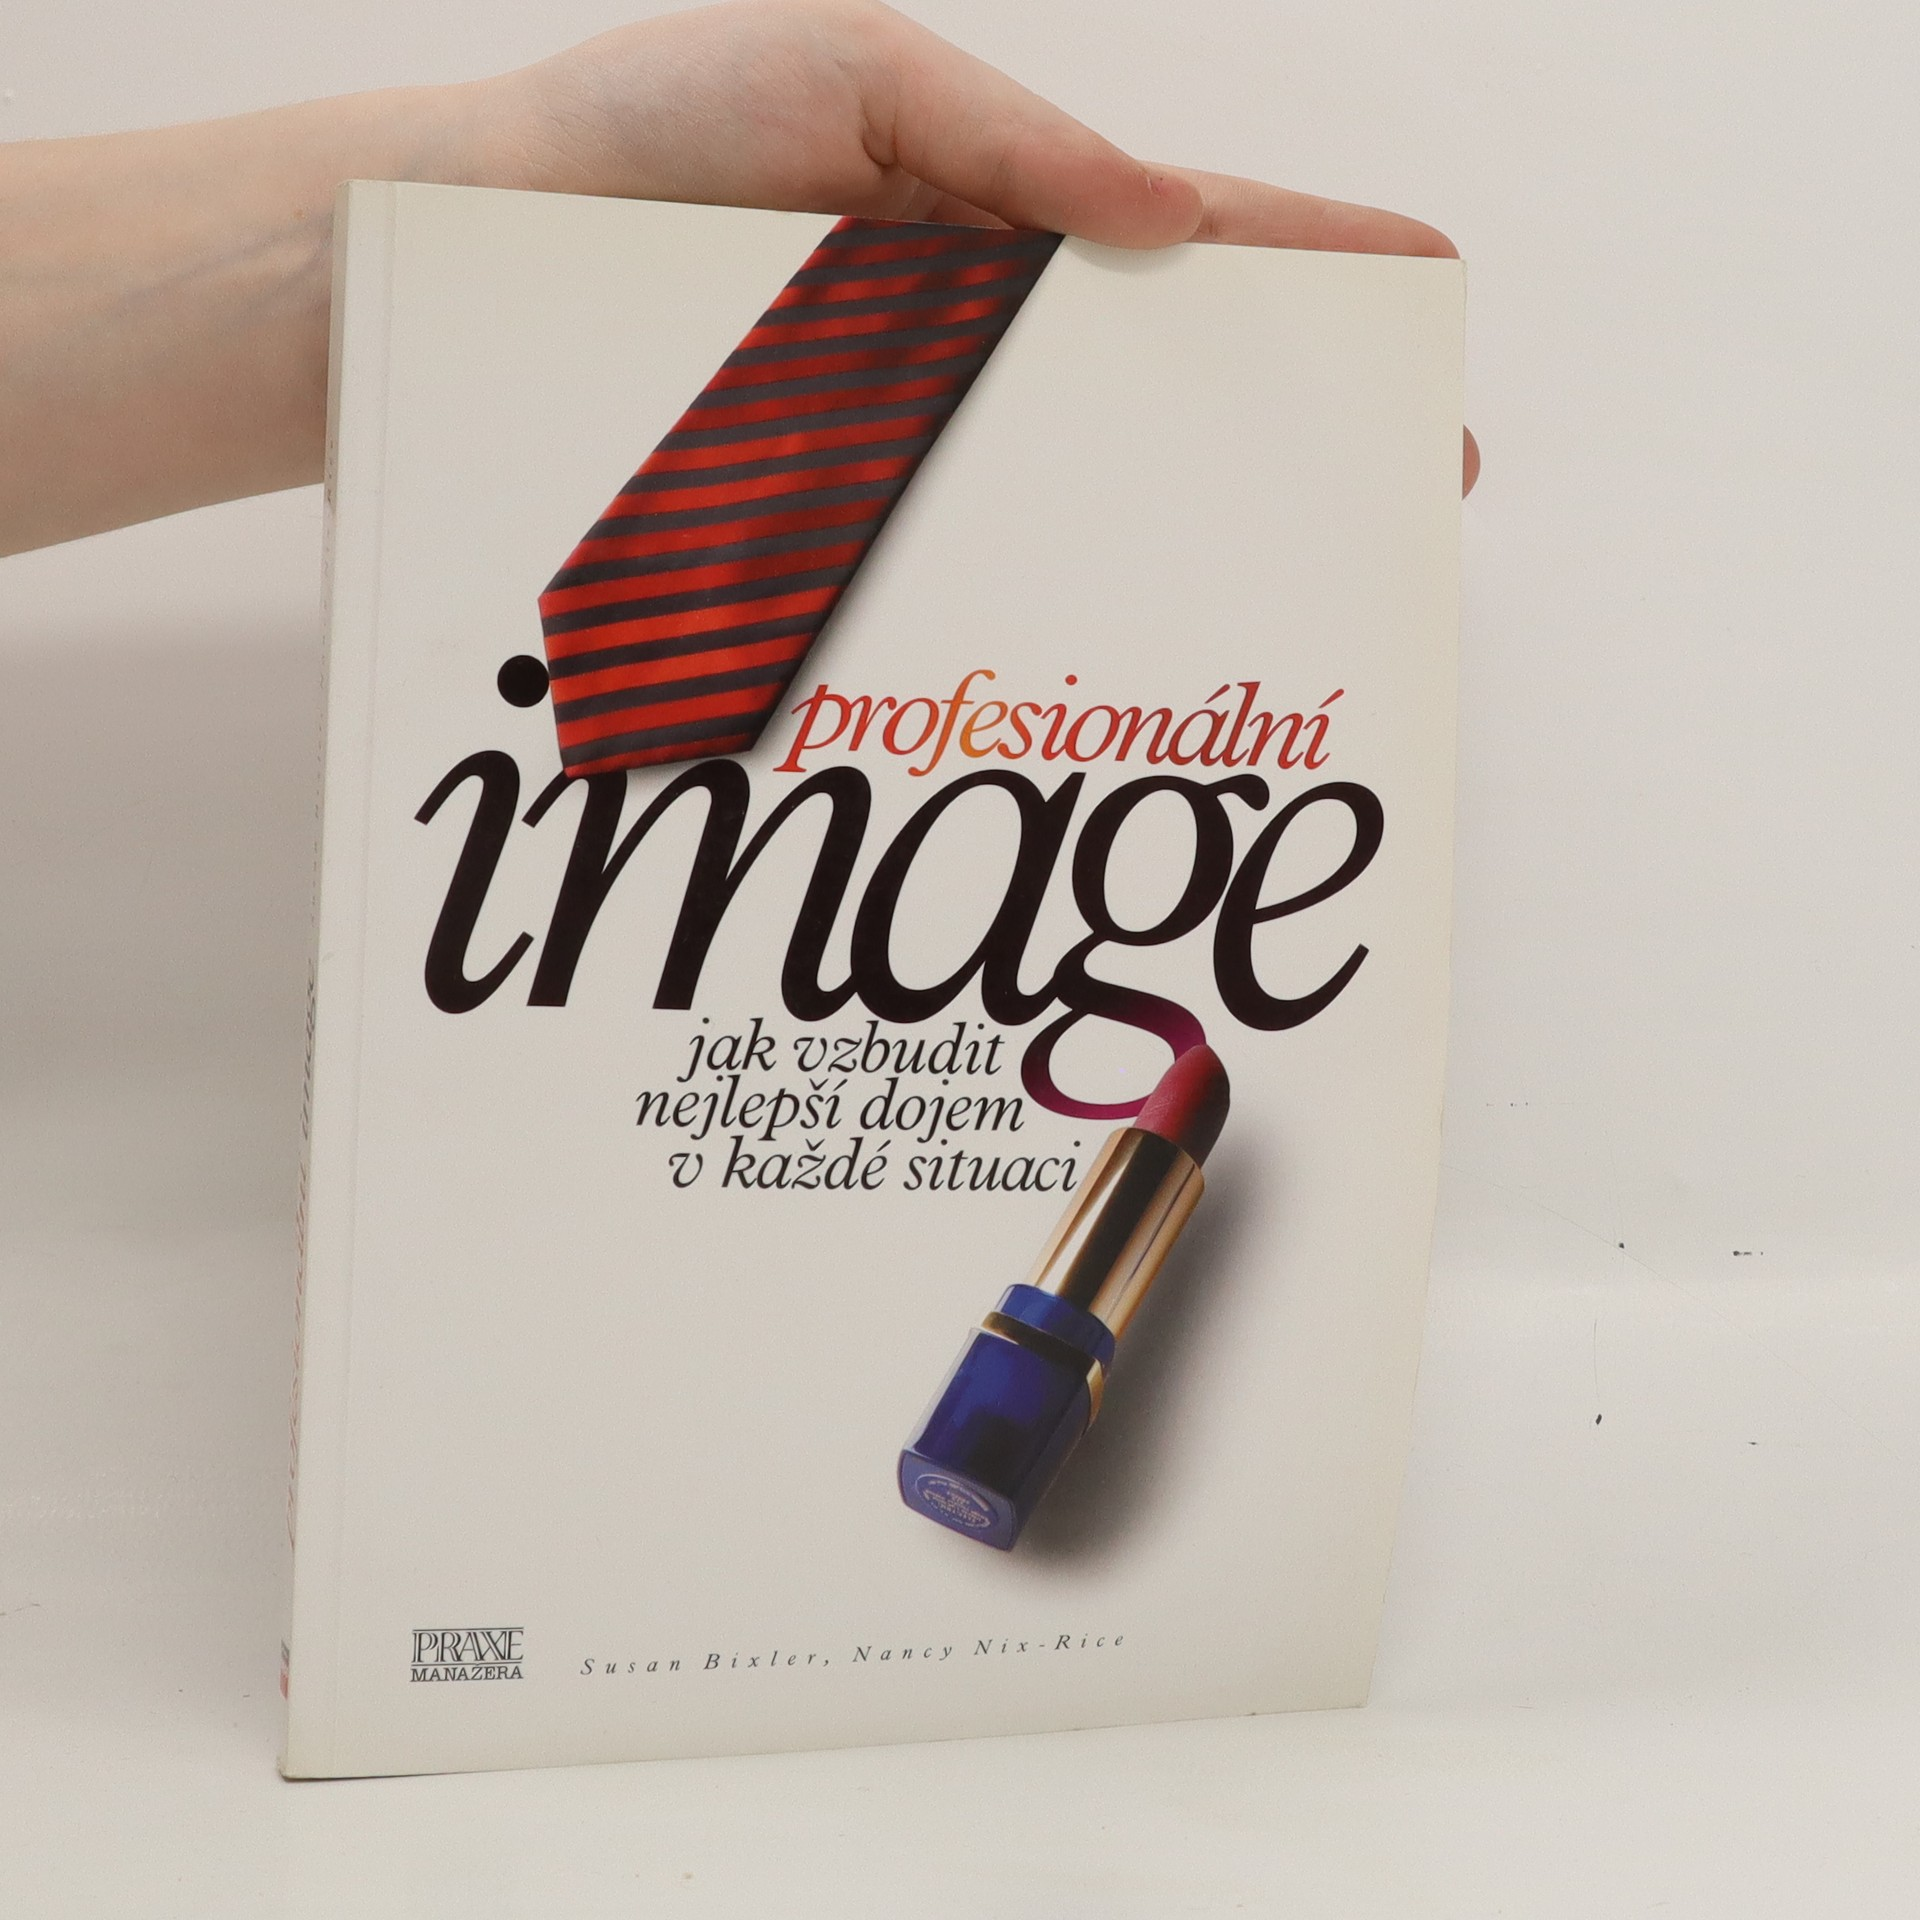 antikvární kniha Profesionální image : jak vzbudit nejlepší dojem v každé situaci, 2006